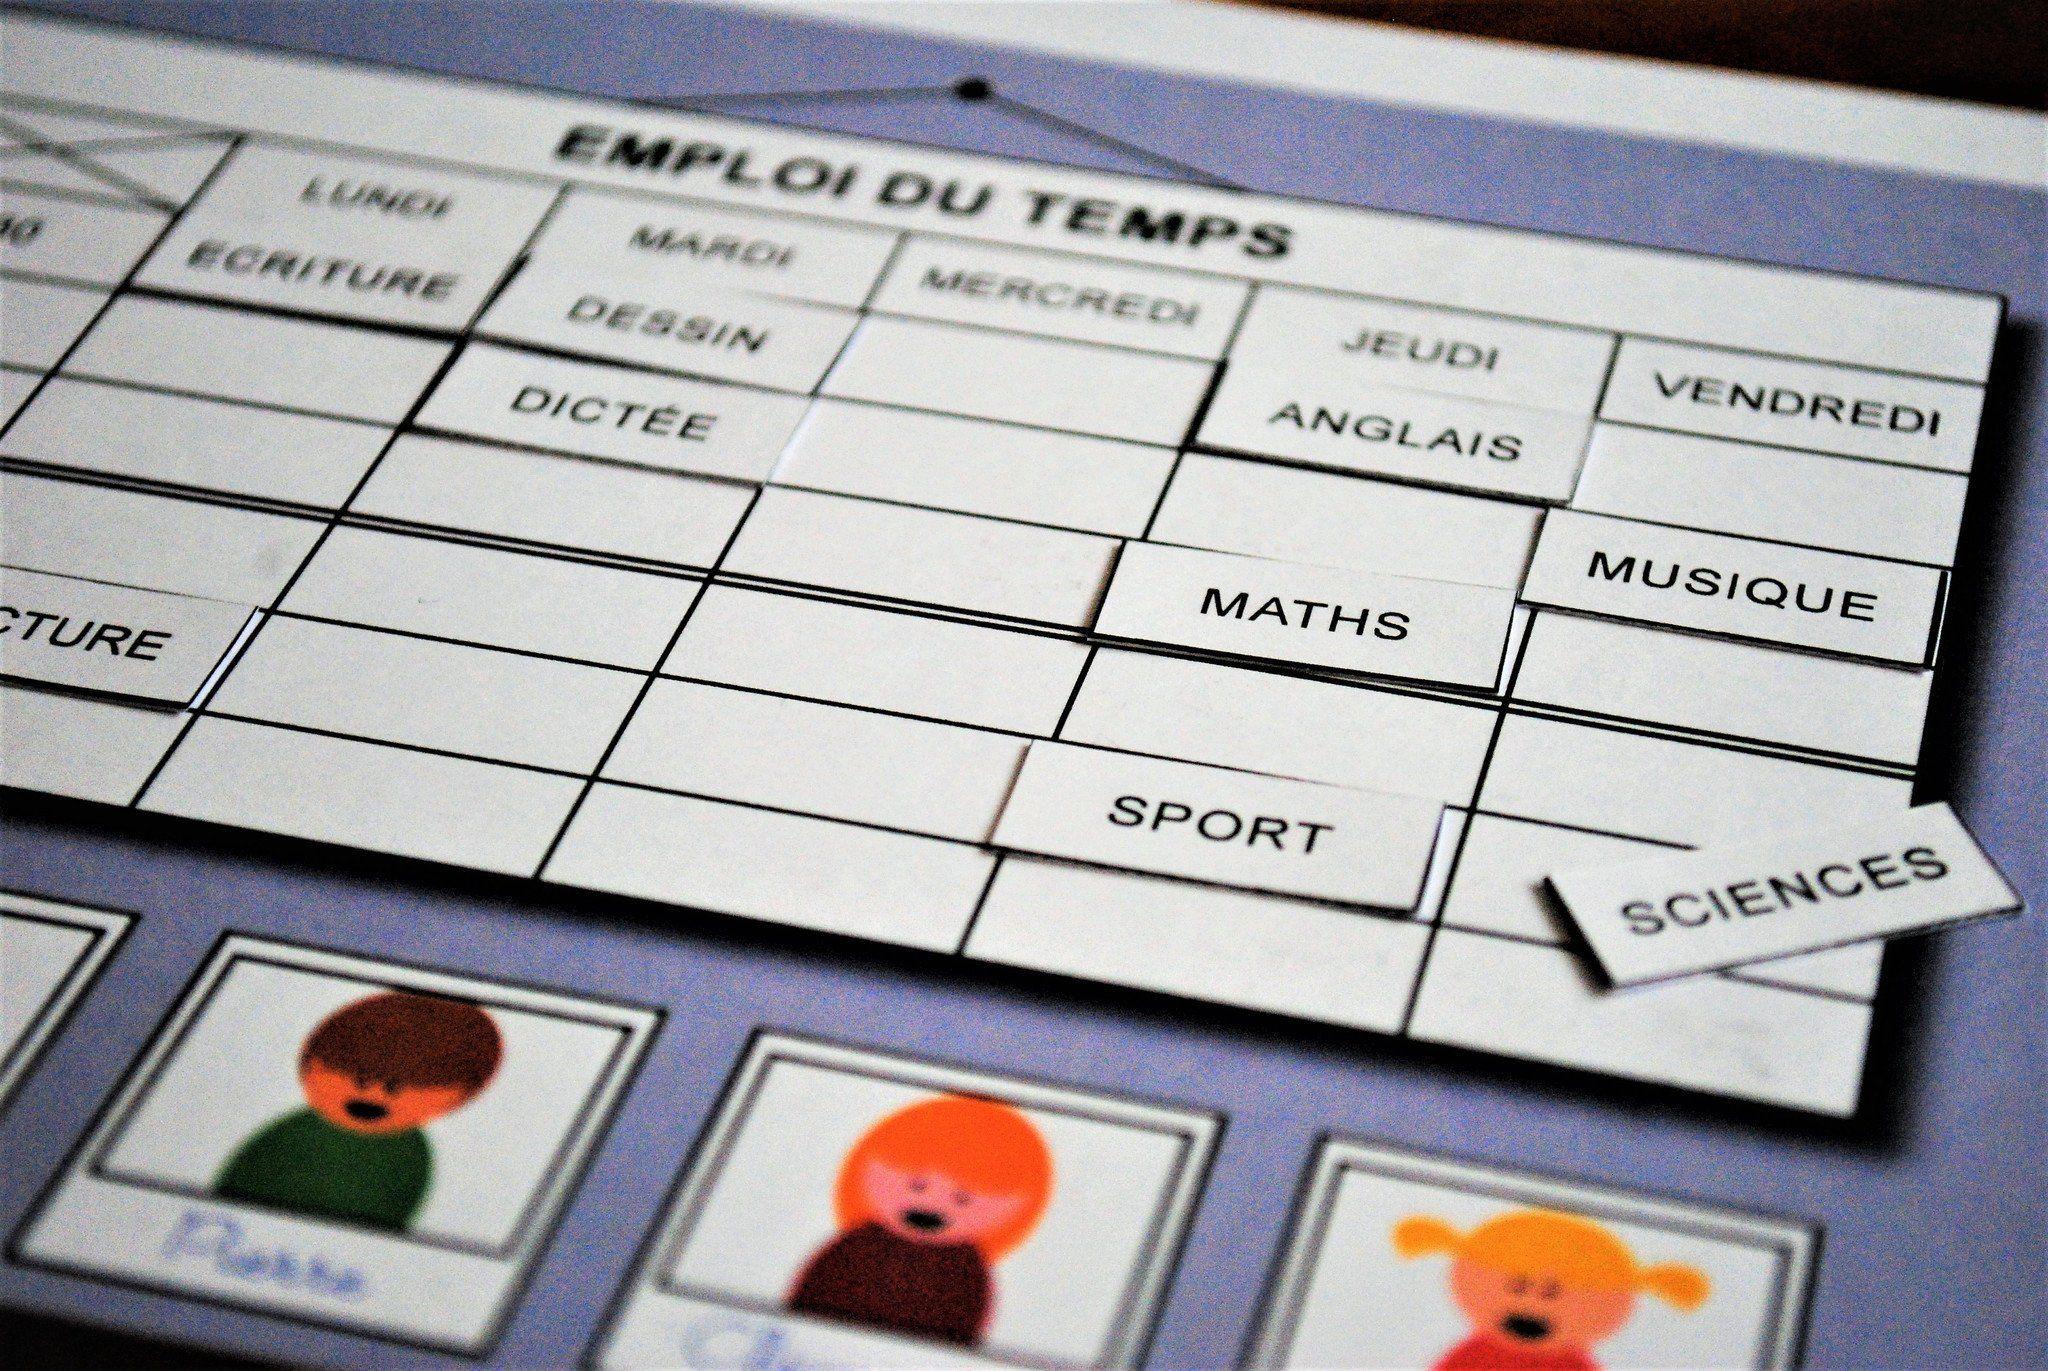 Et Si On Jouait À La Maîtresse? | Jouer, Jeux Et Parquet intérieur Jeux De Maitresse A Imprimer